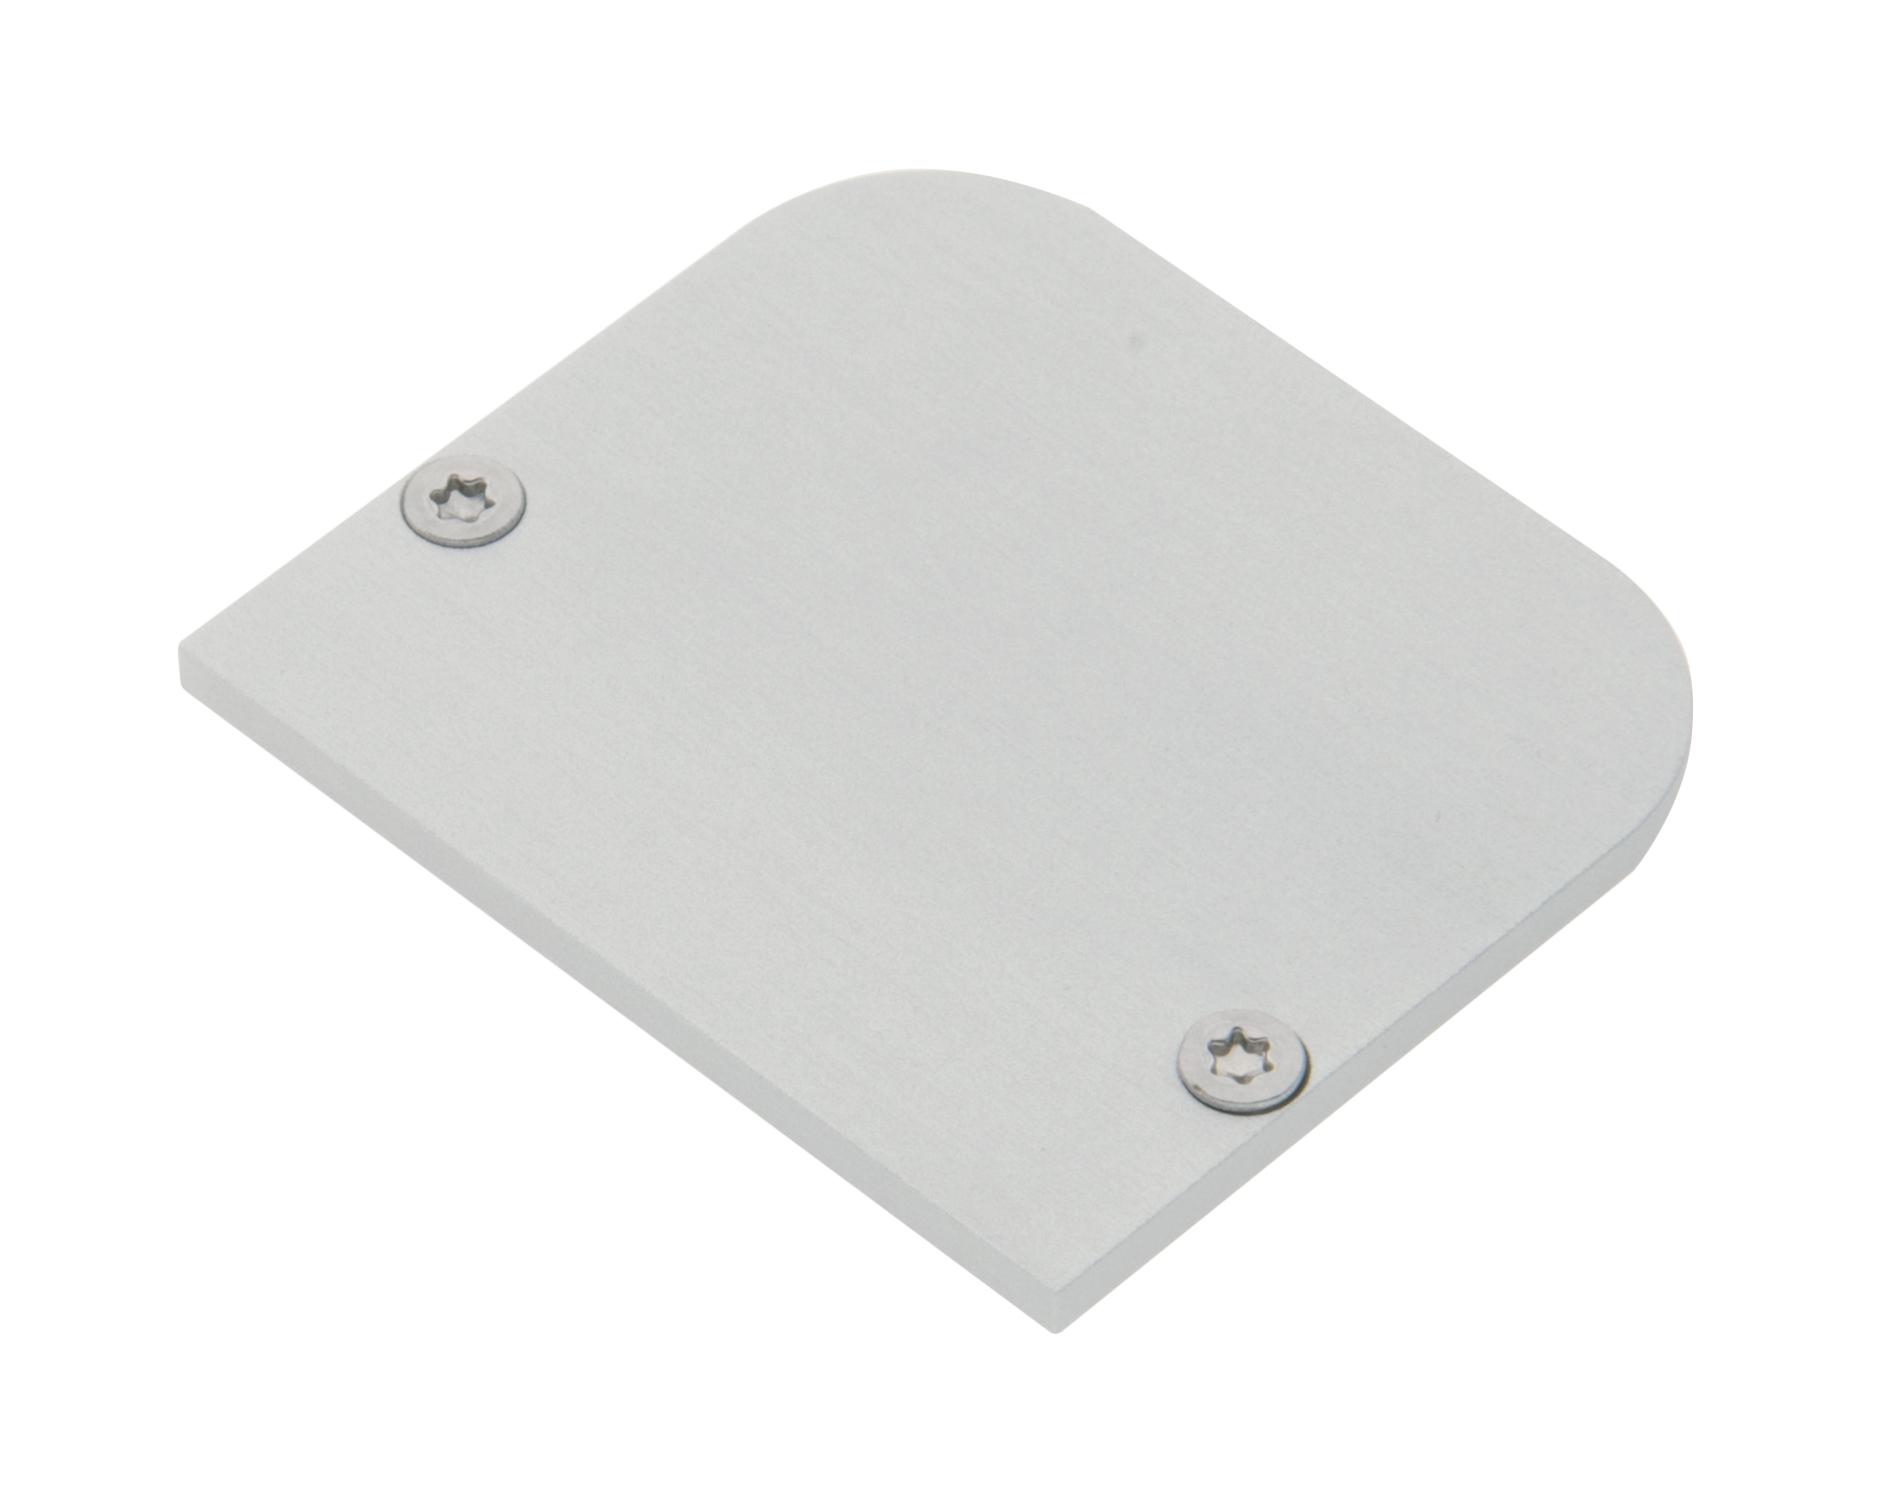 1 Stk Profil Endkappe MFL Rund geschlossen inkl. Schrauben LIEK005510